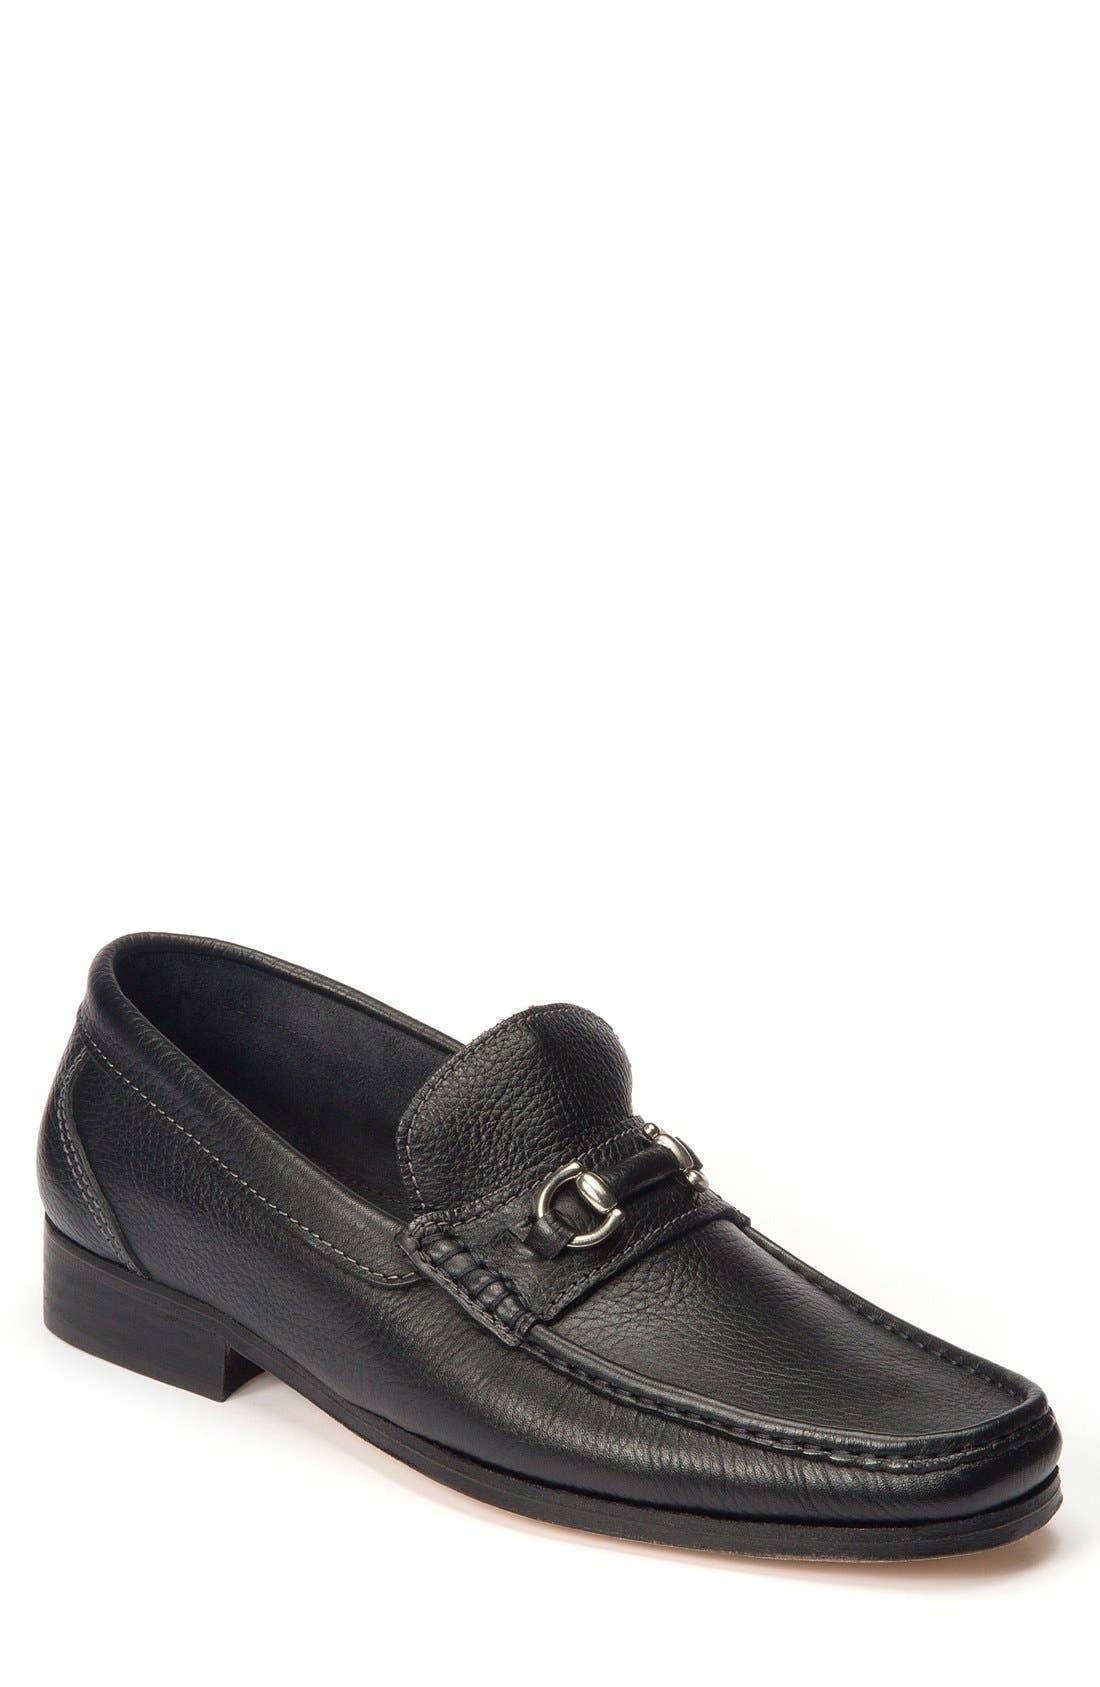 Garda Bit Loafer,                         Main,                         color, Black Leather